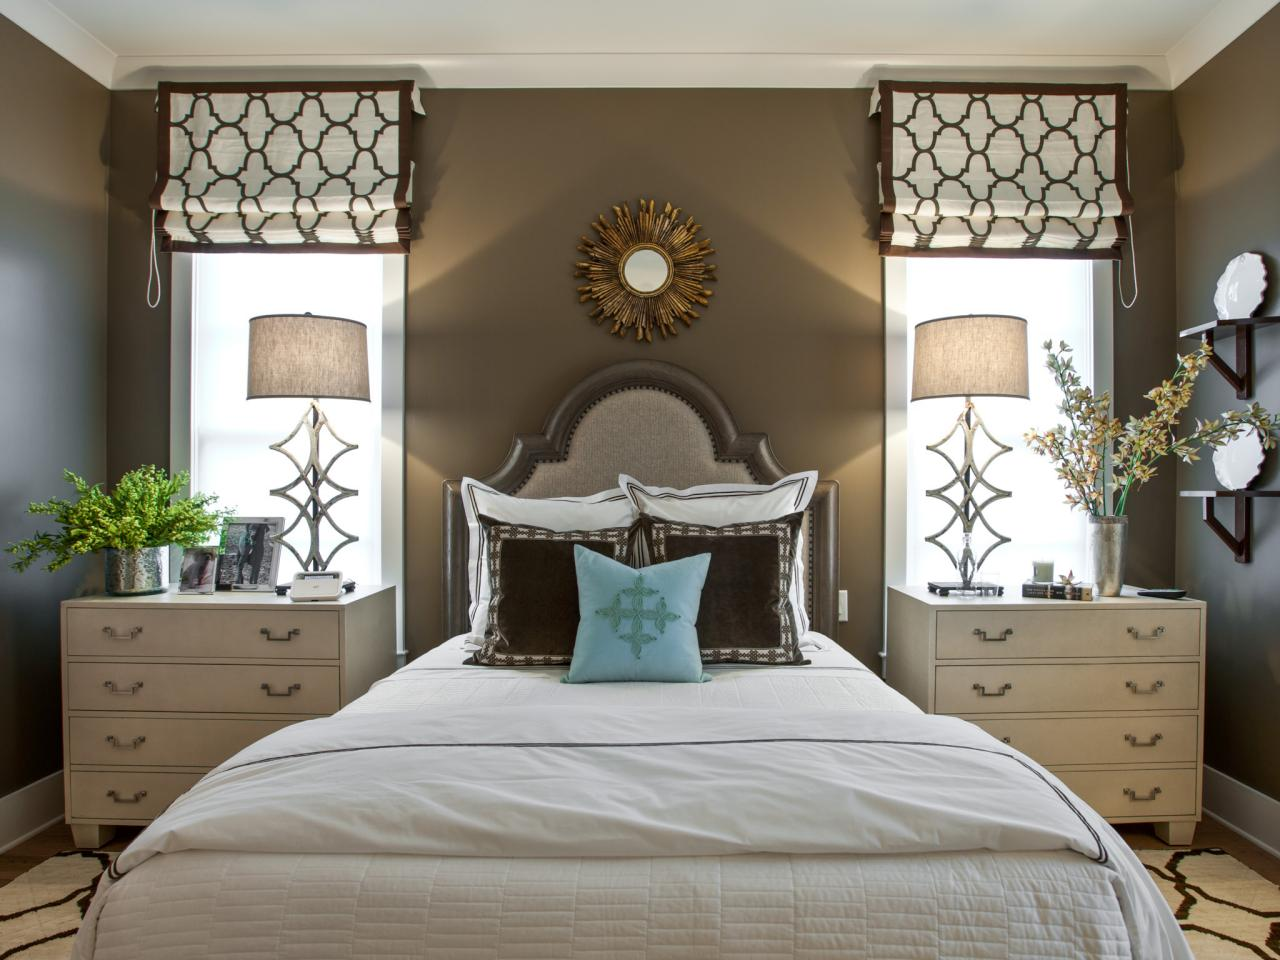 15 fotos de decoracion de habitaciones modernas y for Decoracion de casas modernas y elegantes